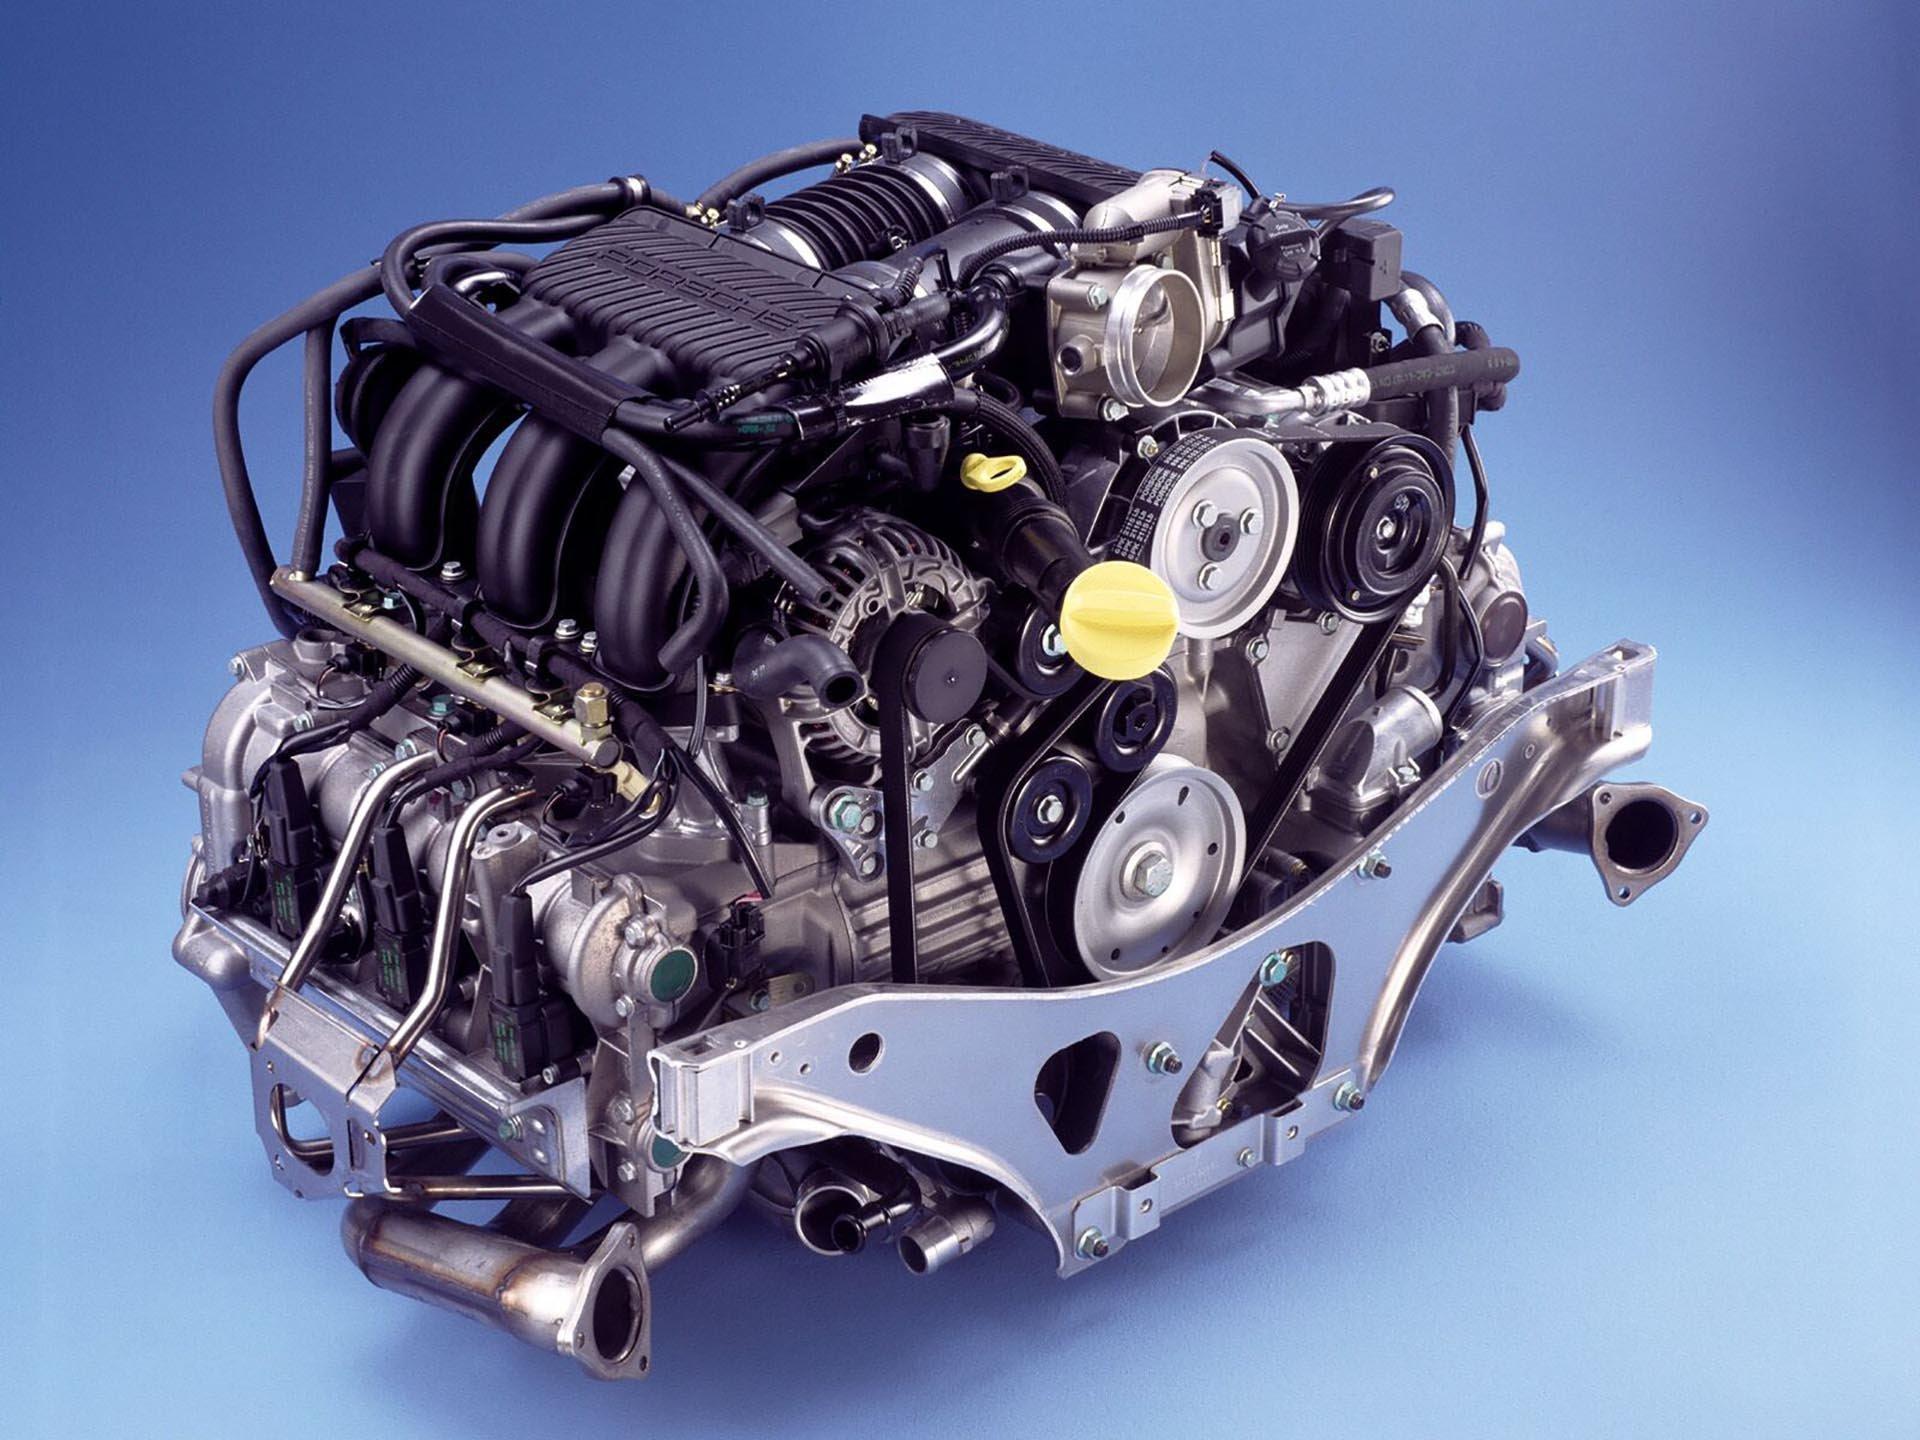 08_Porsche M96 flat-six engine